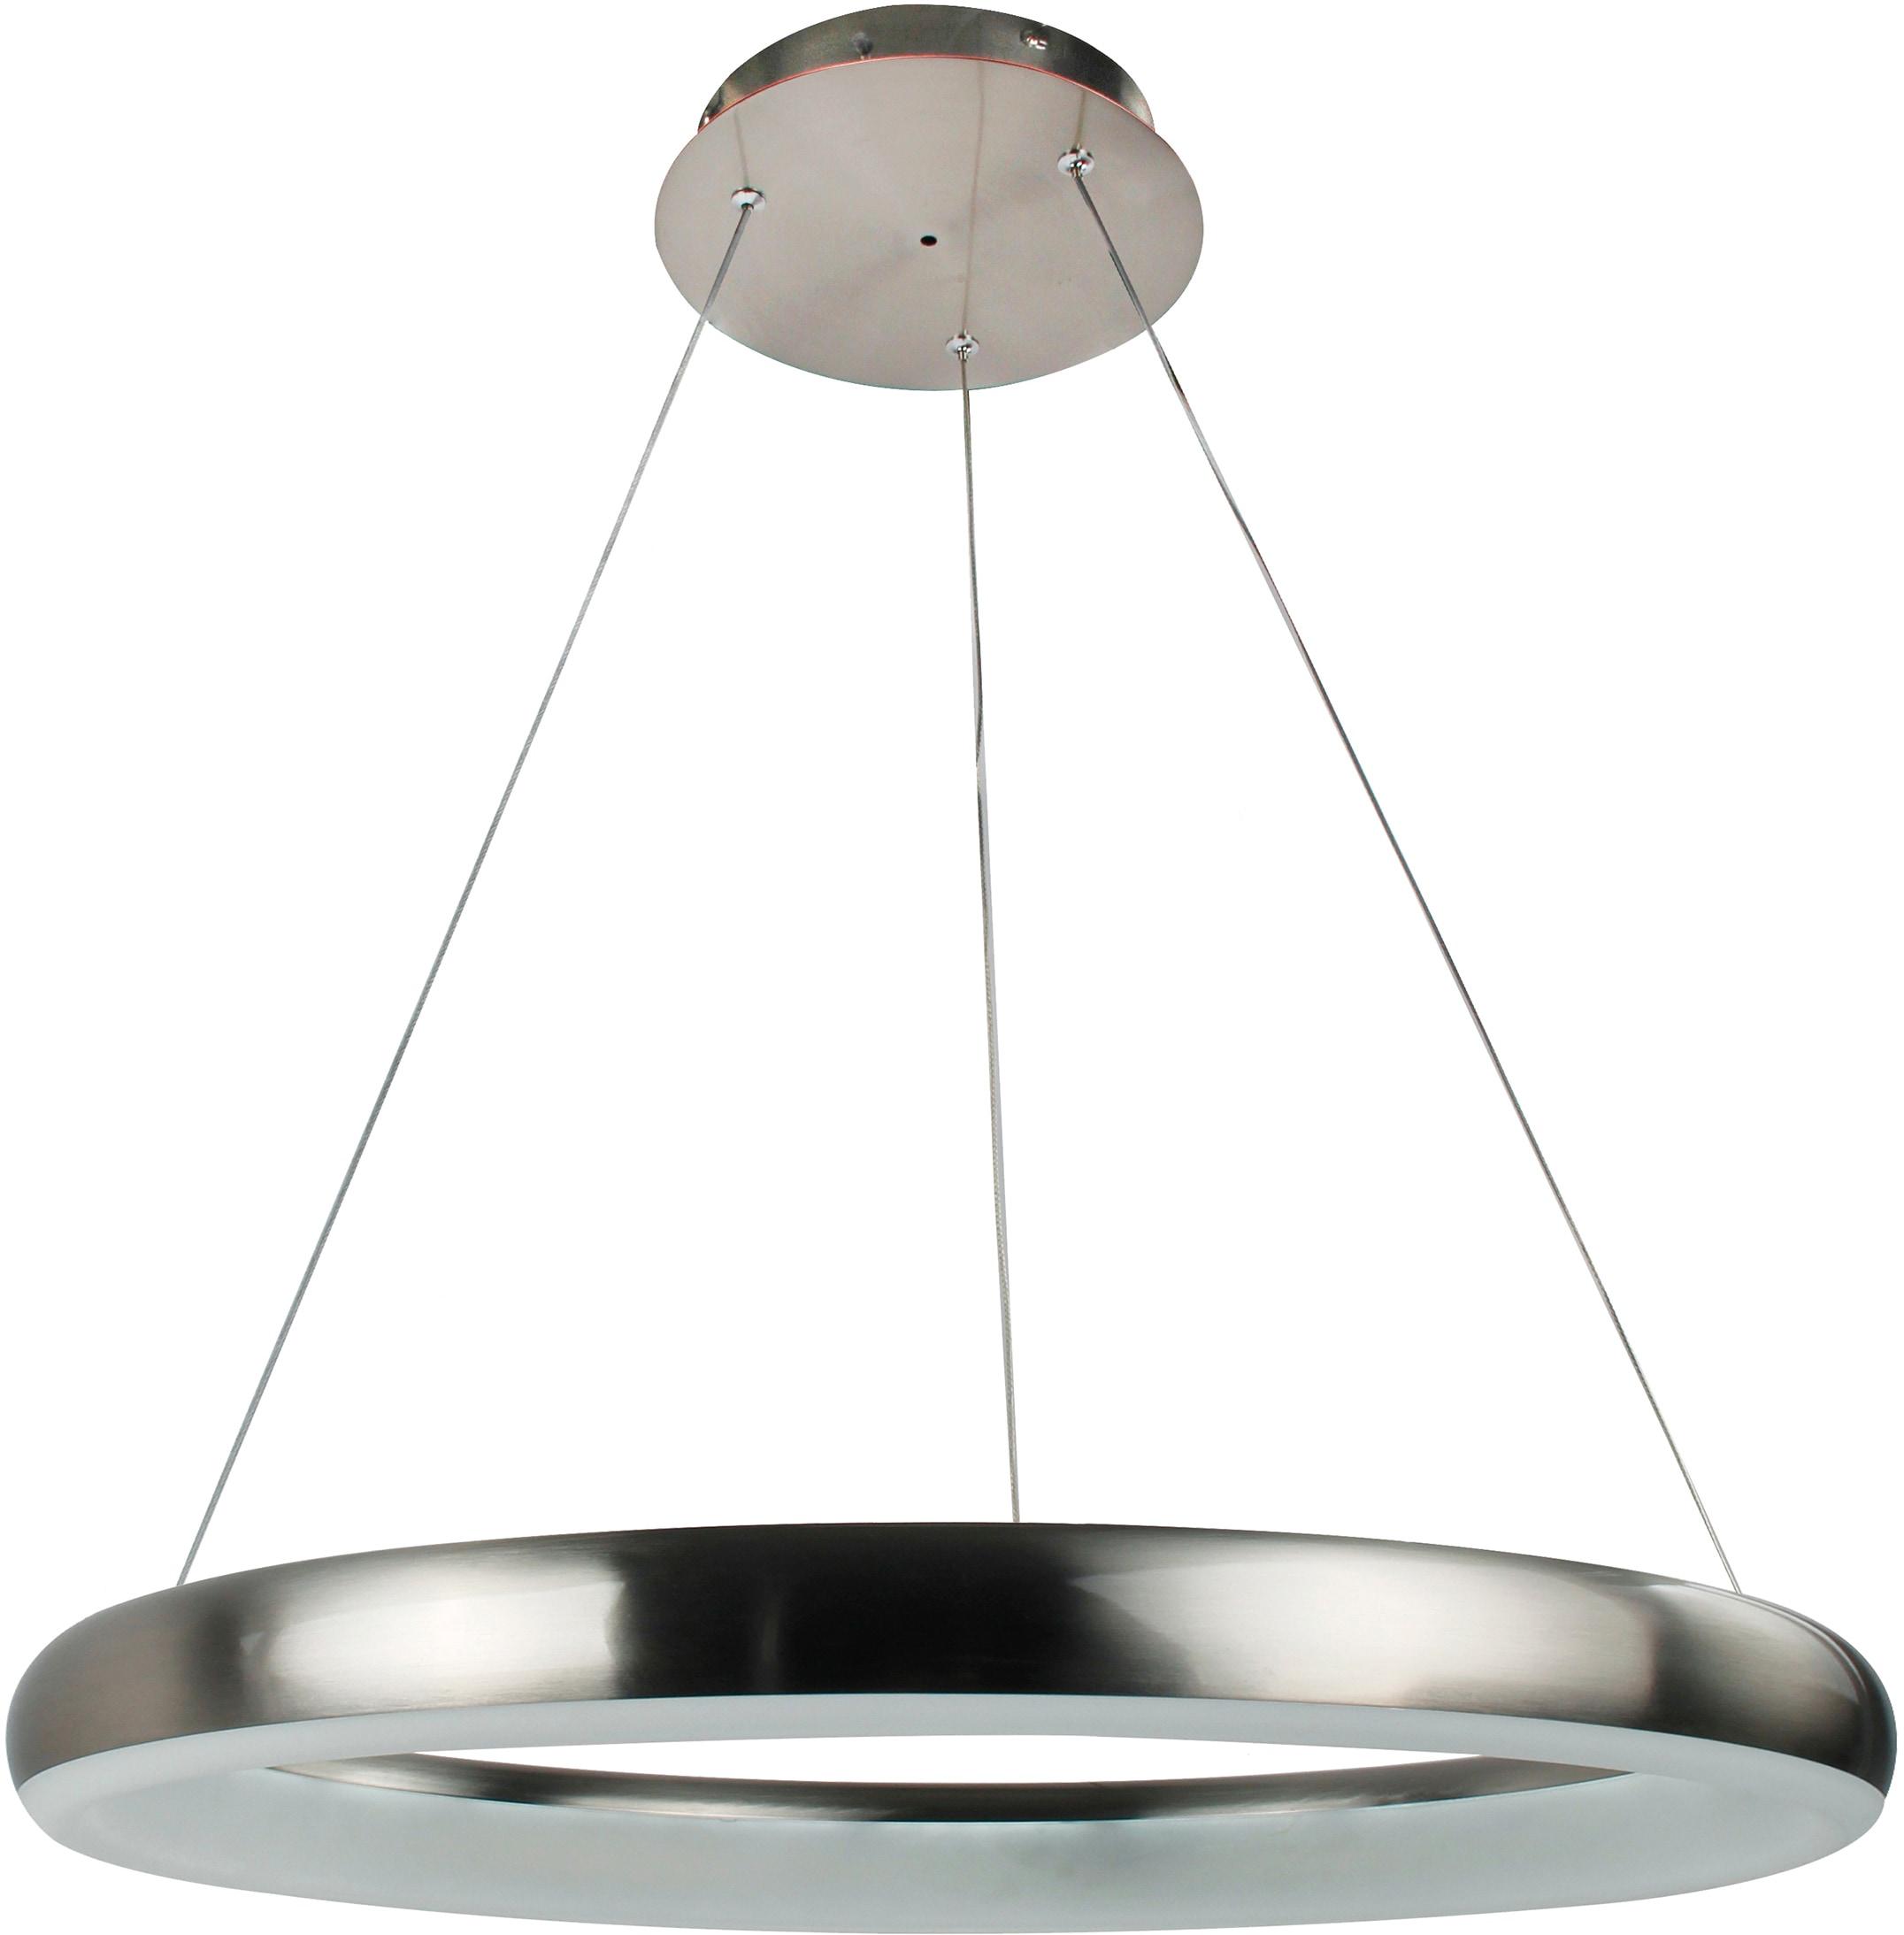 WOFI LED Pendelleuchte CLINT, LED-Board, Kaltweiß, Hängeleuchte, dimmbar, Farbwechsel